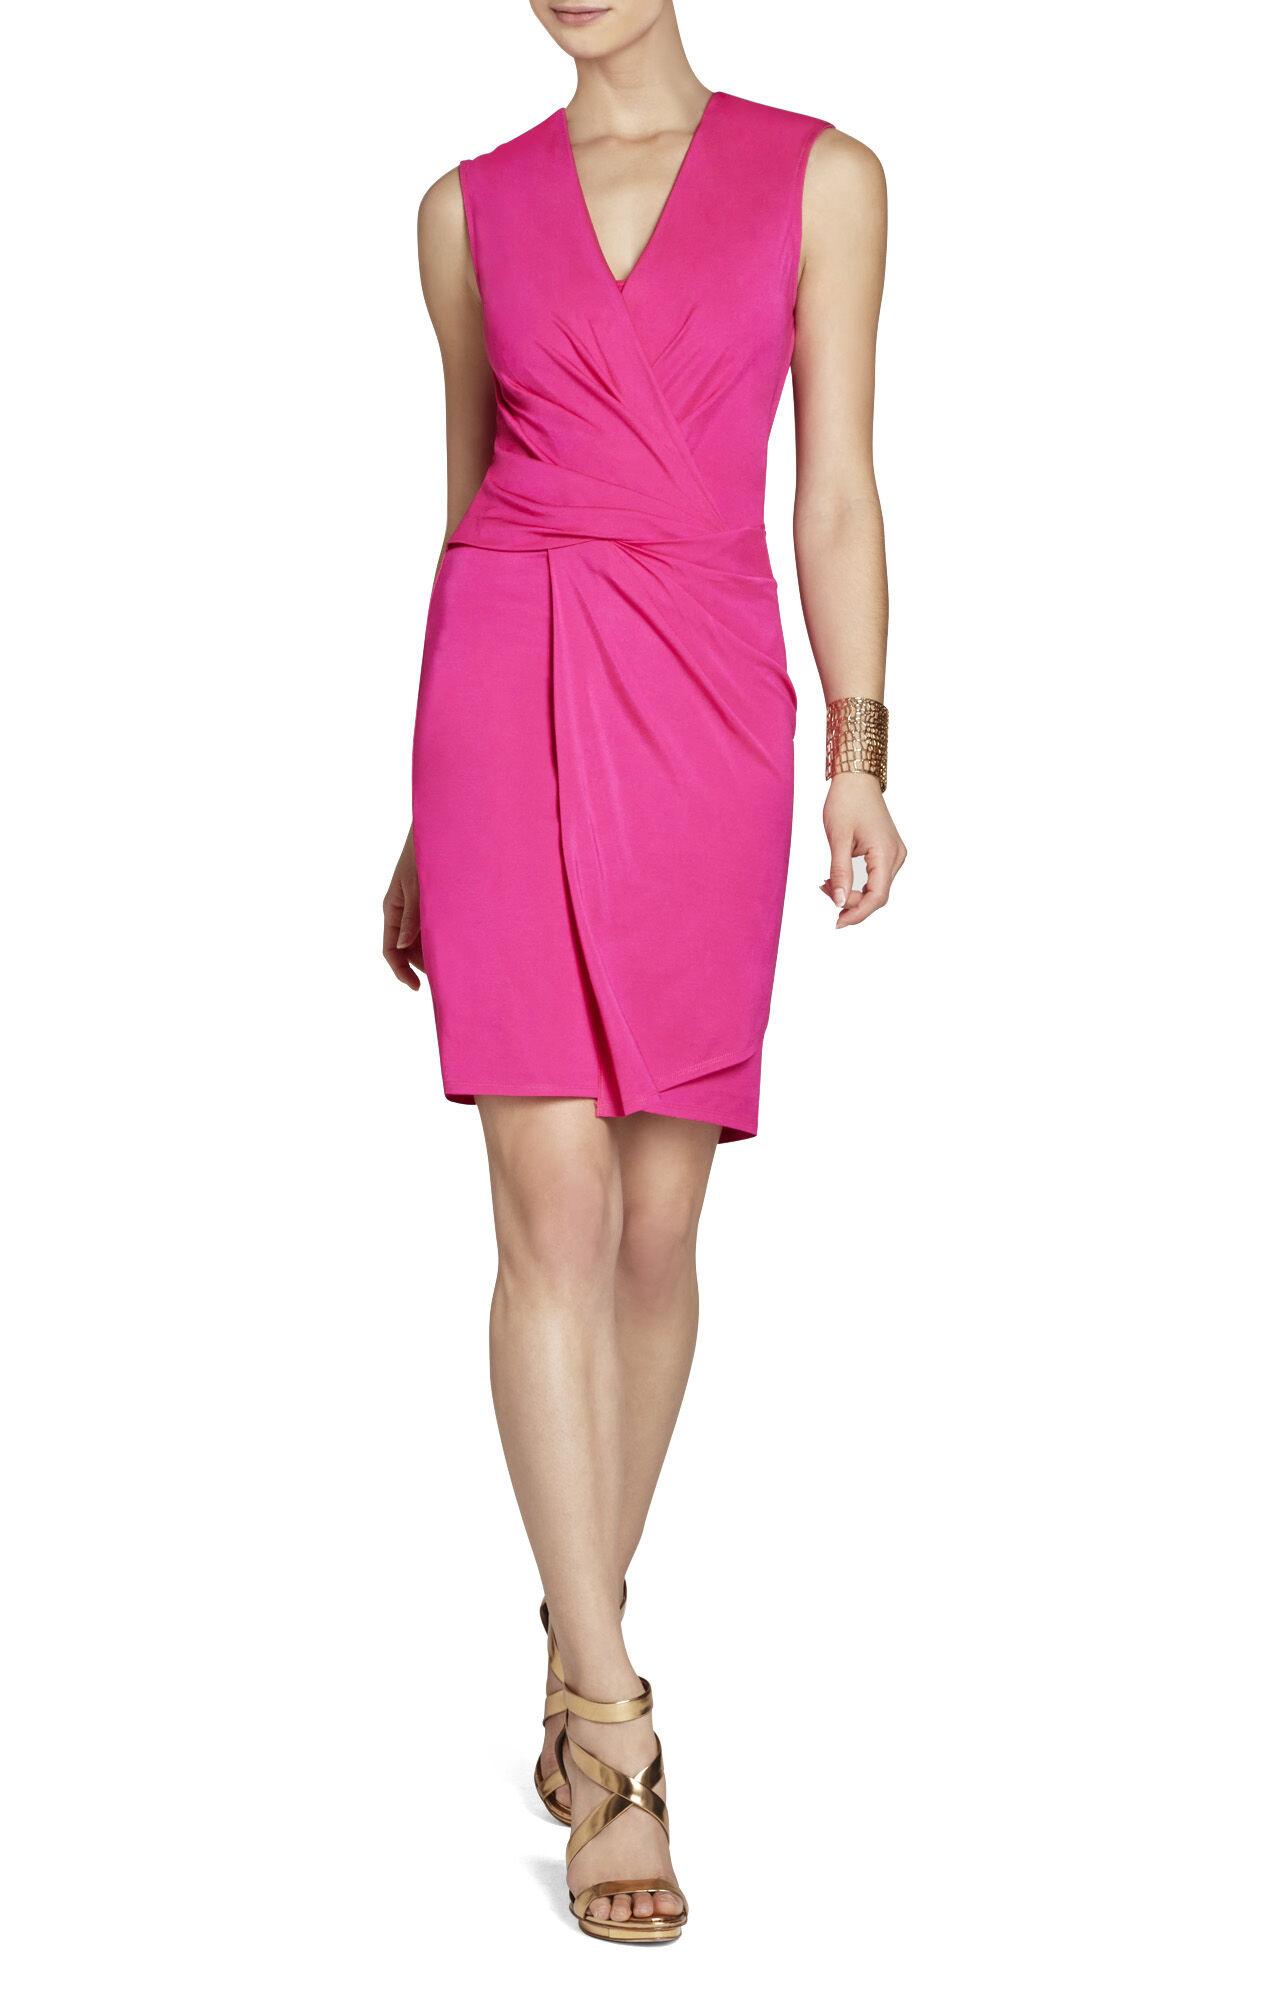 Susan Low-Neck Twist-Front Dress